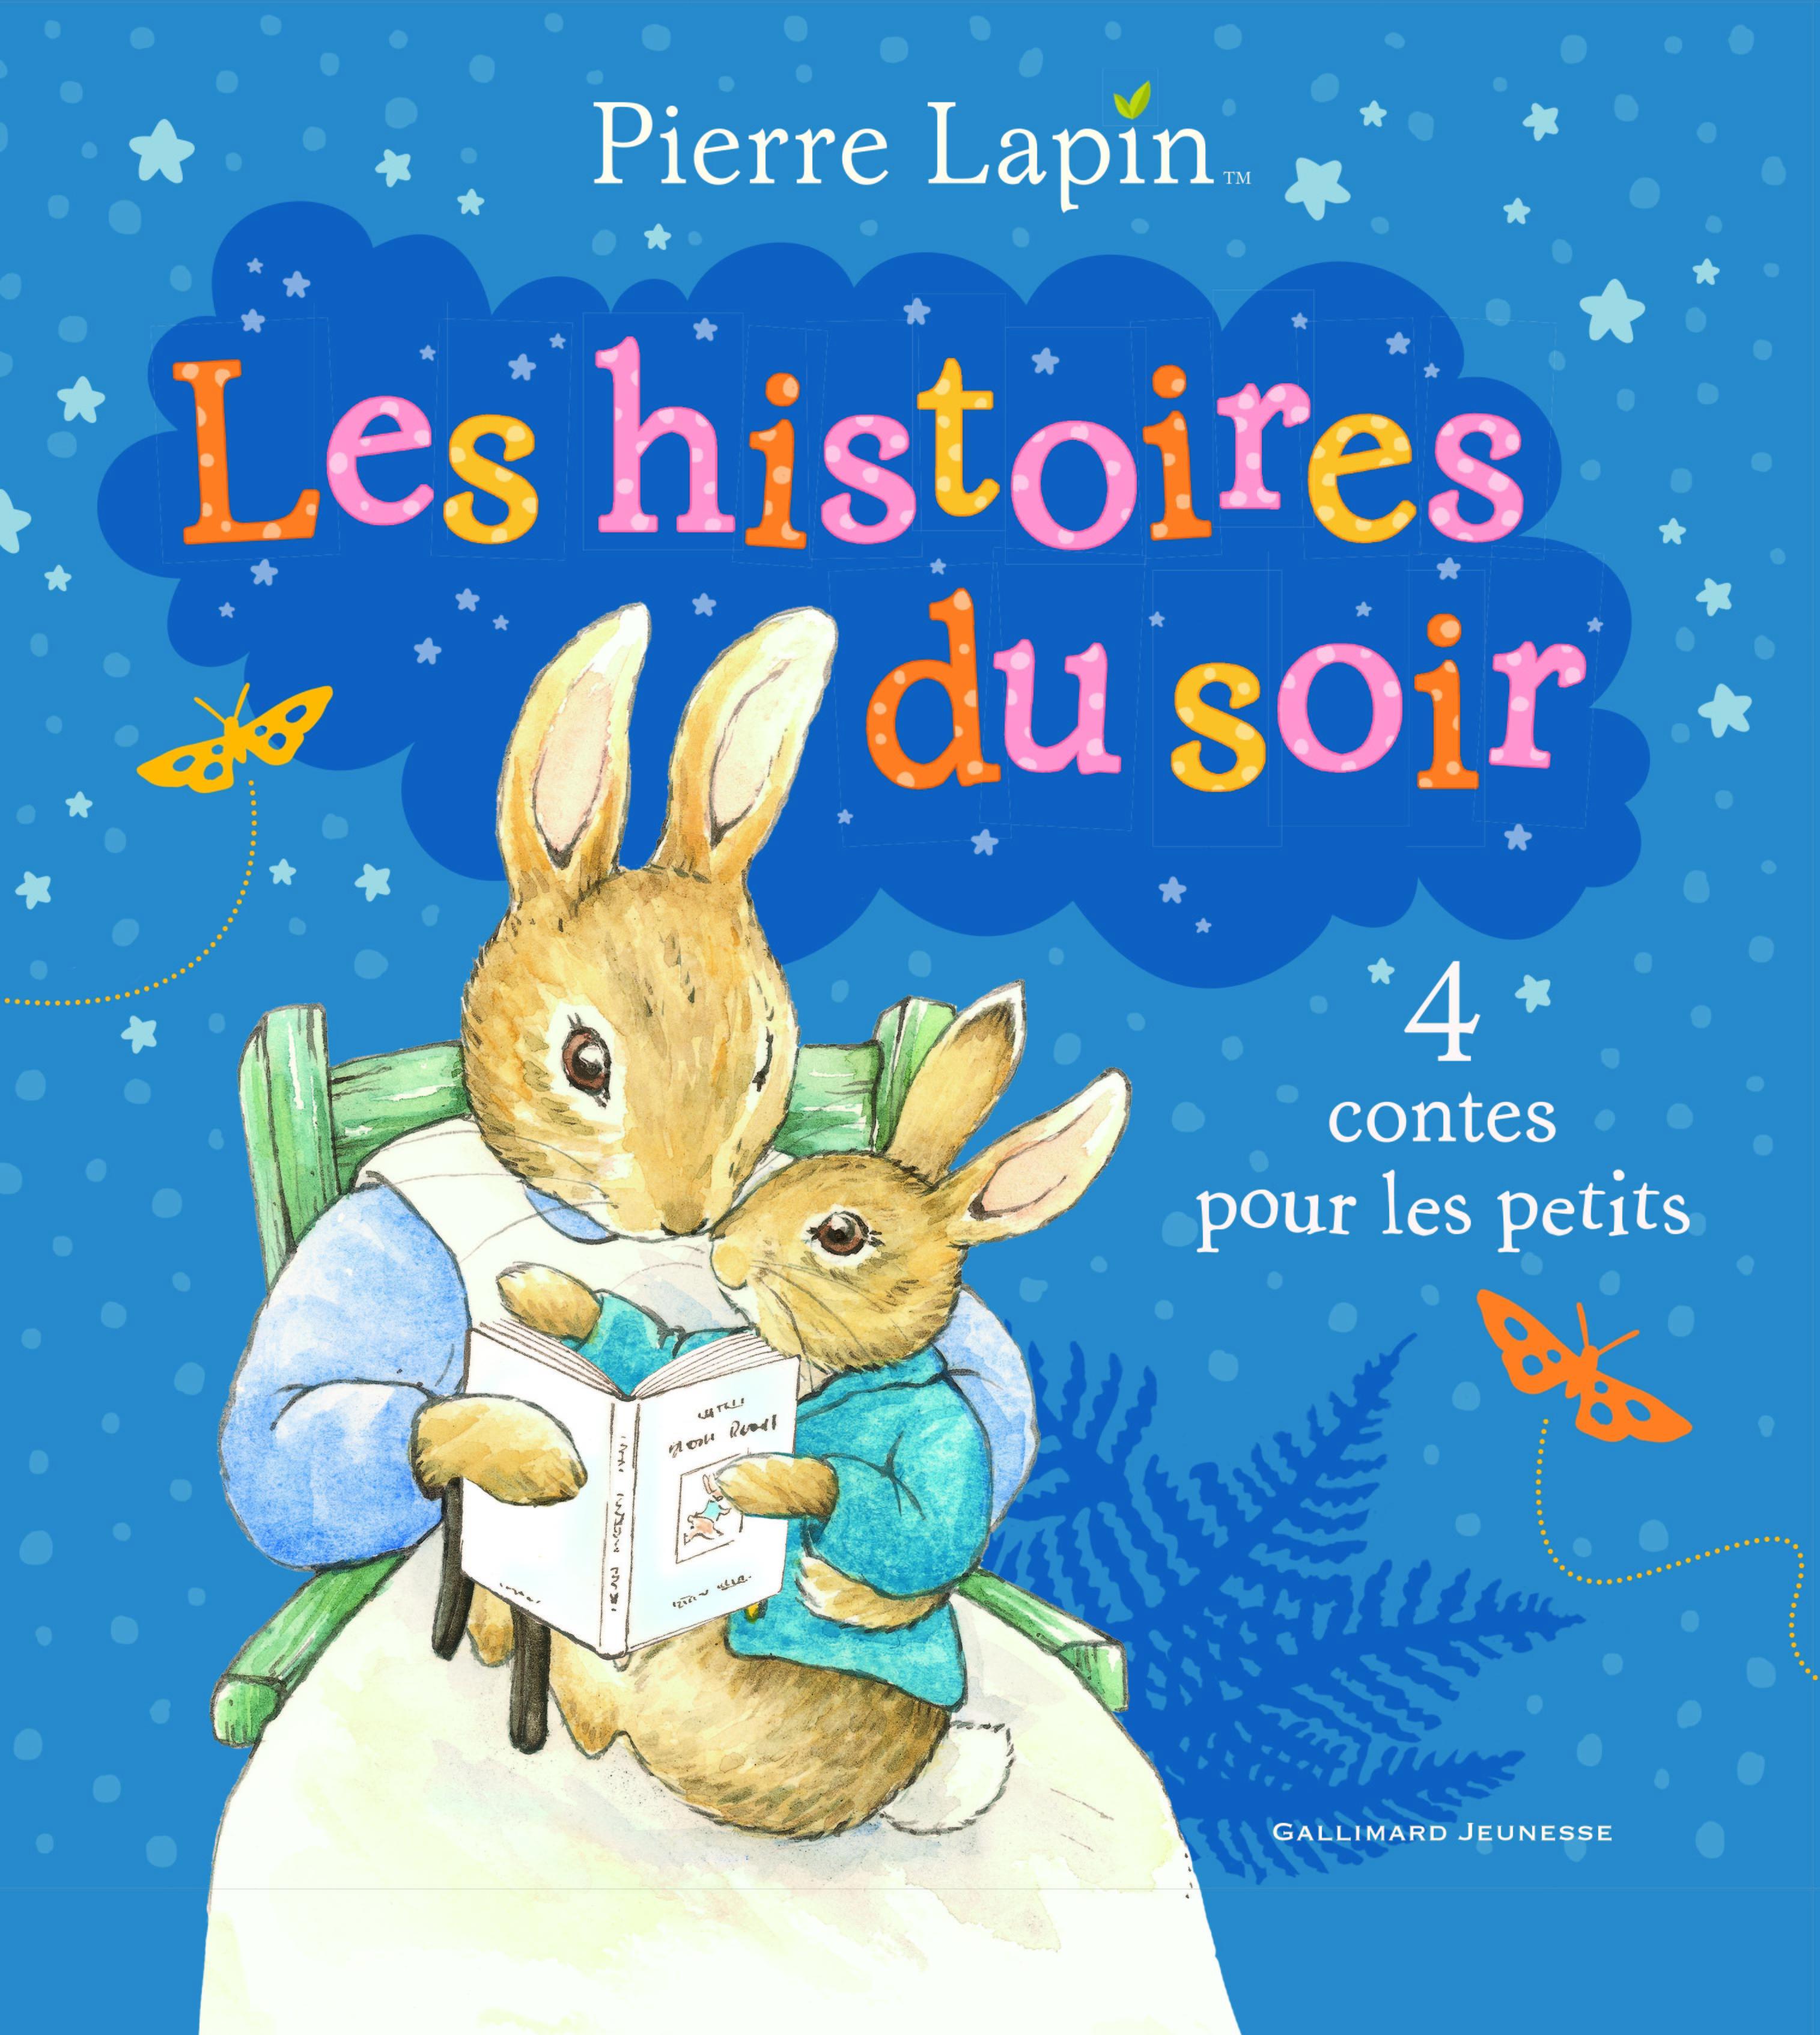 PIERRE LAPIN : LES HISTOIRES DU SOIR